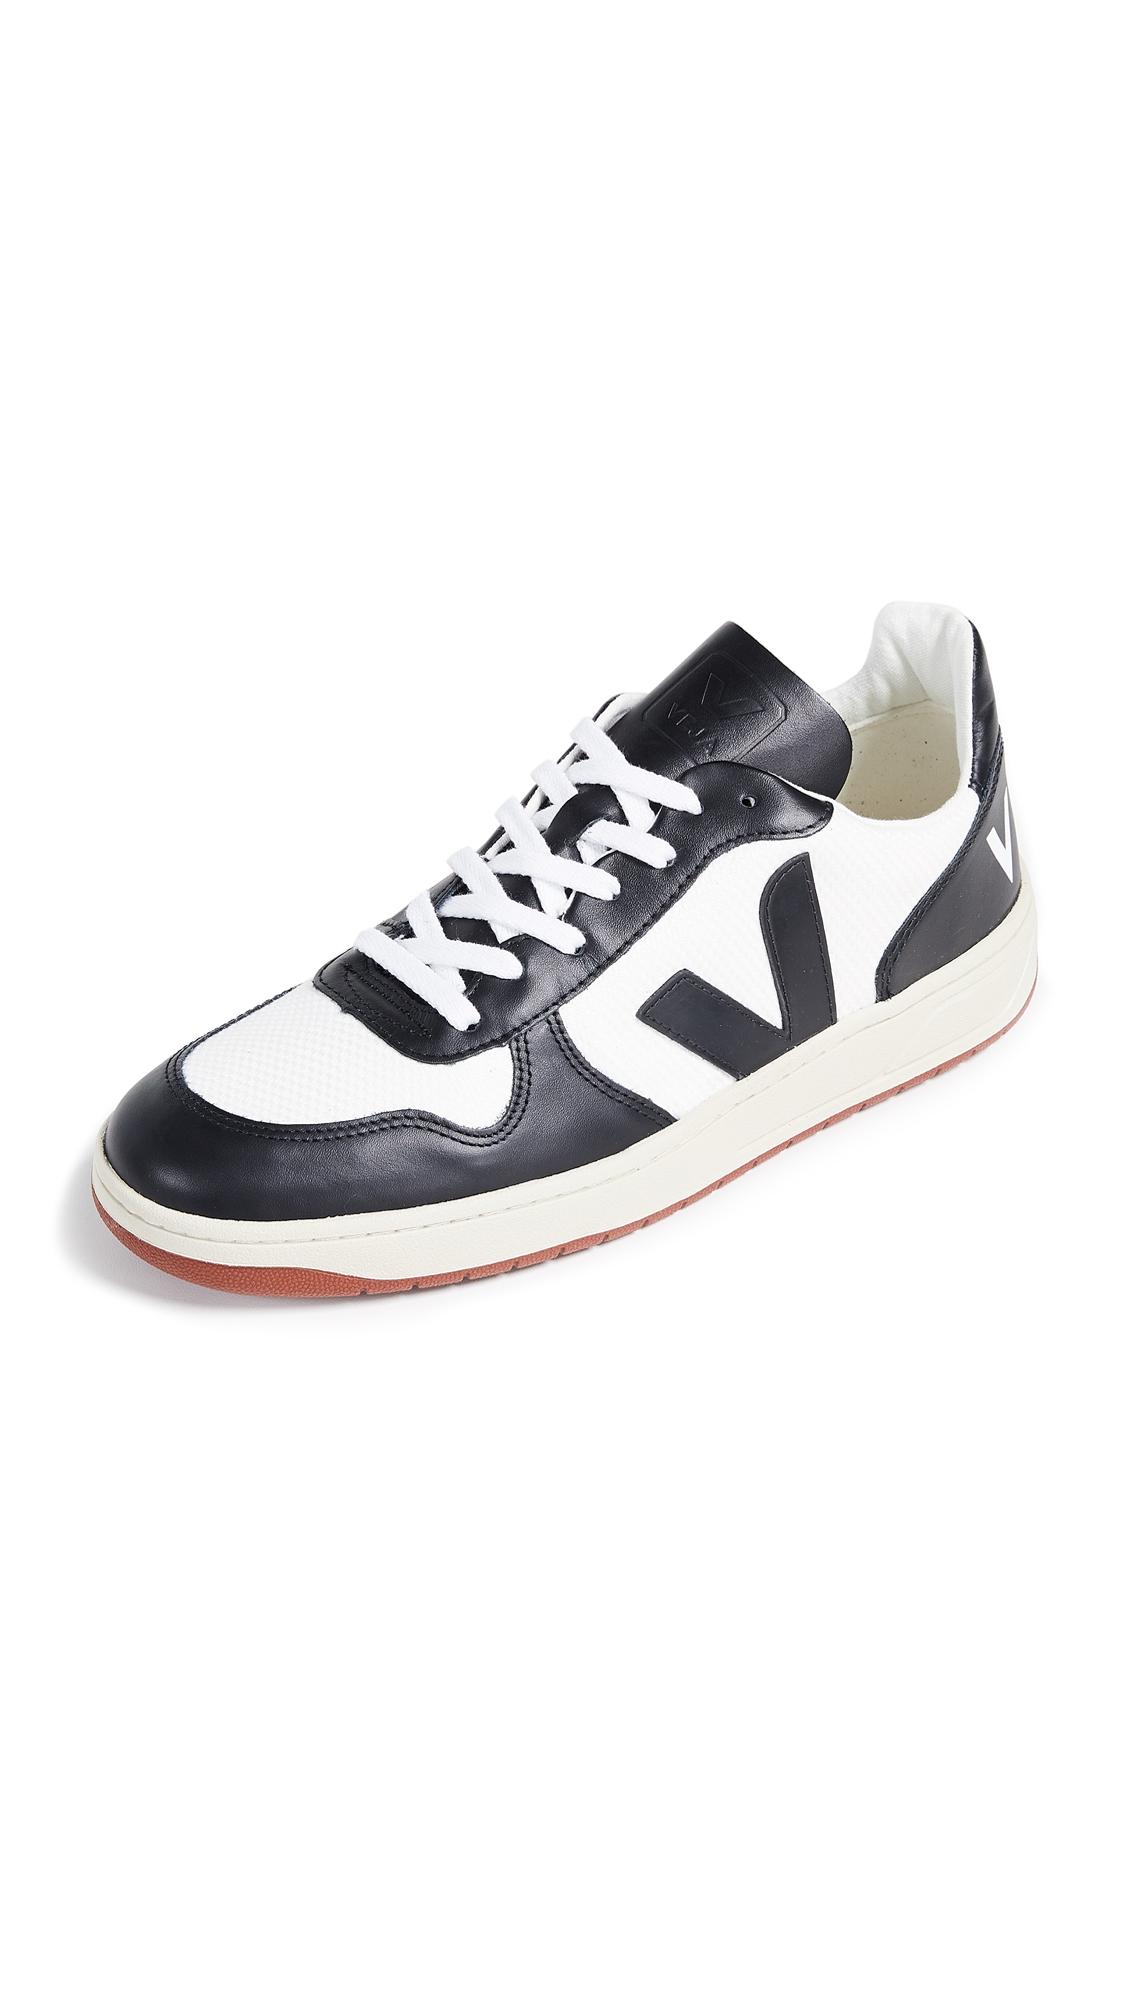 VEJA V10 Bastille Mesh Sneakers In Black